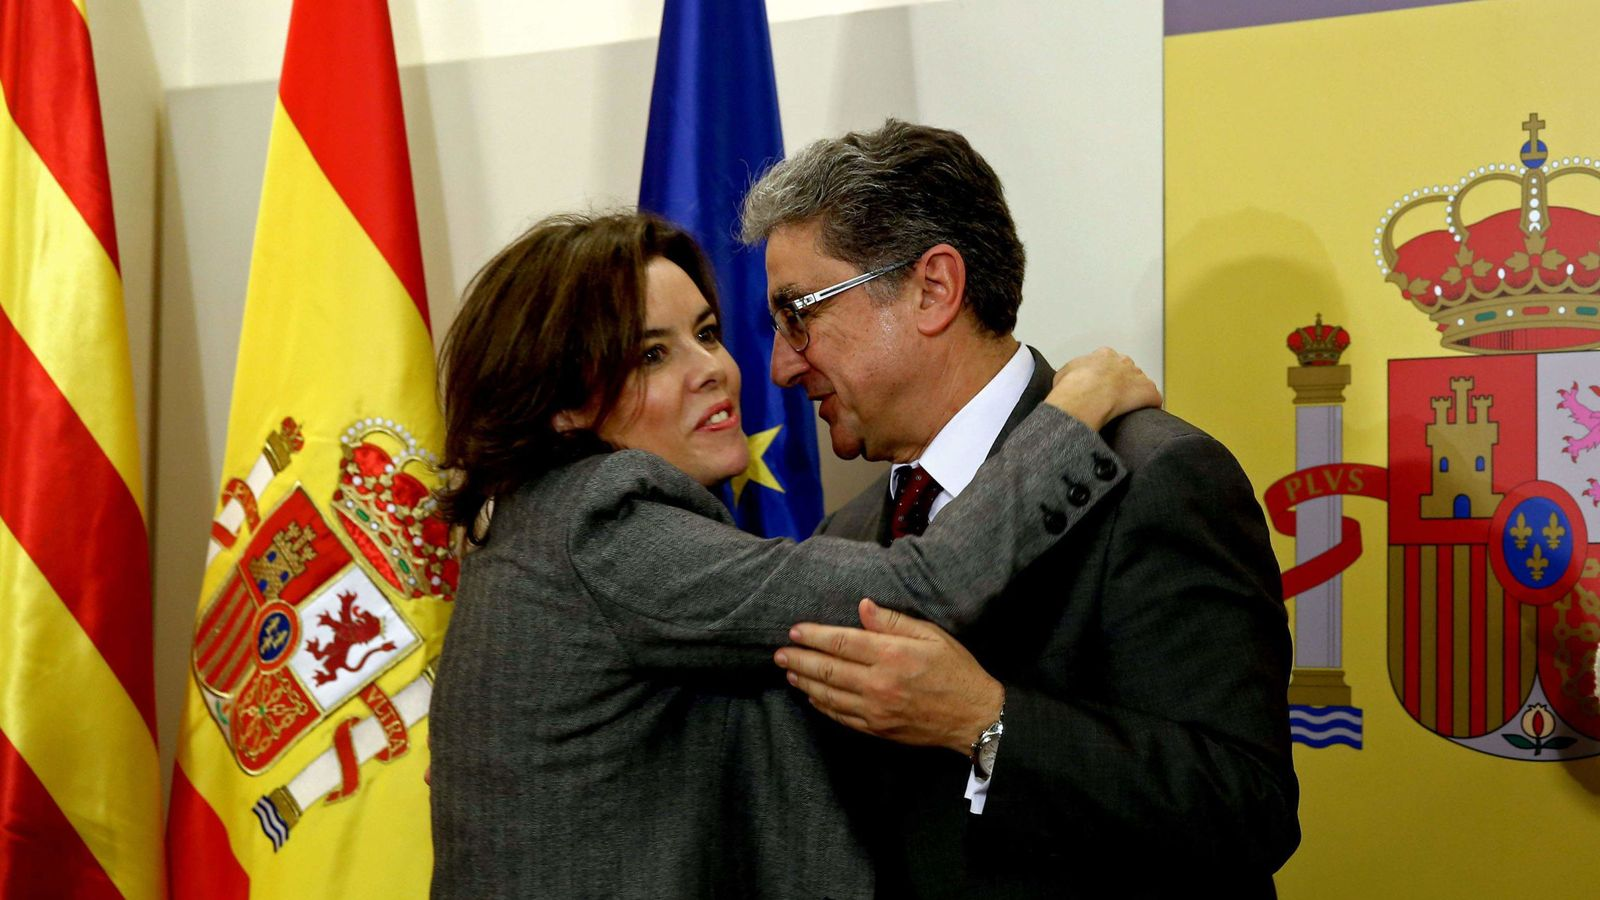 Foto: El nuevo delegado del Gobierno en Cataluña, Enric Millo, recibe el saludo de la vicepresidenta del Gobierno, Soraya Sáenz de Santamaría. (EFE)